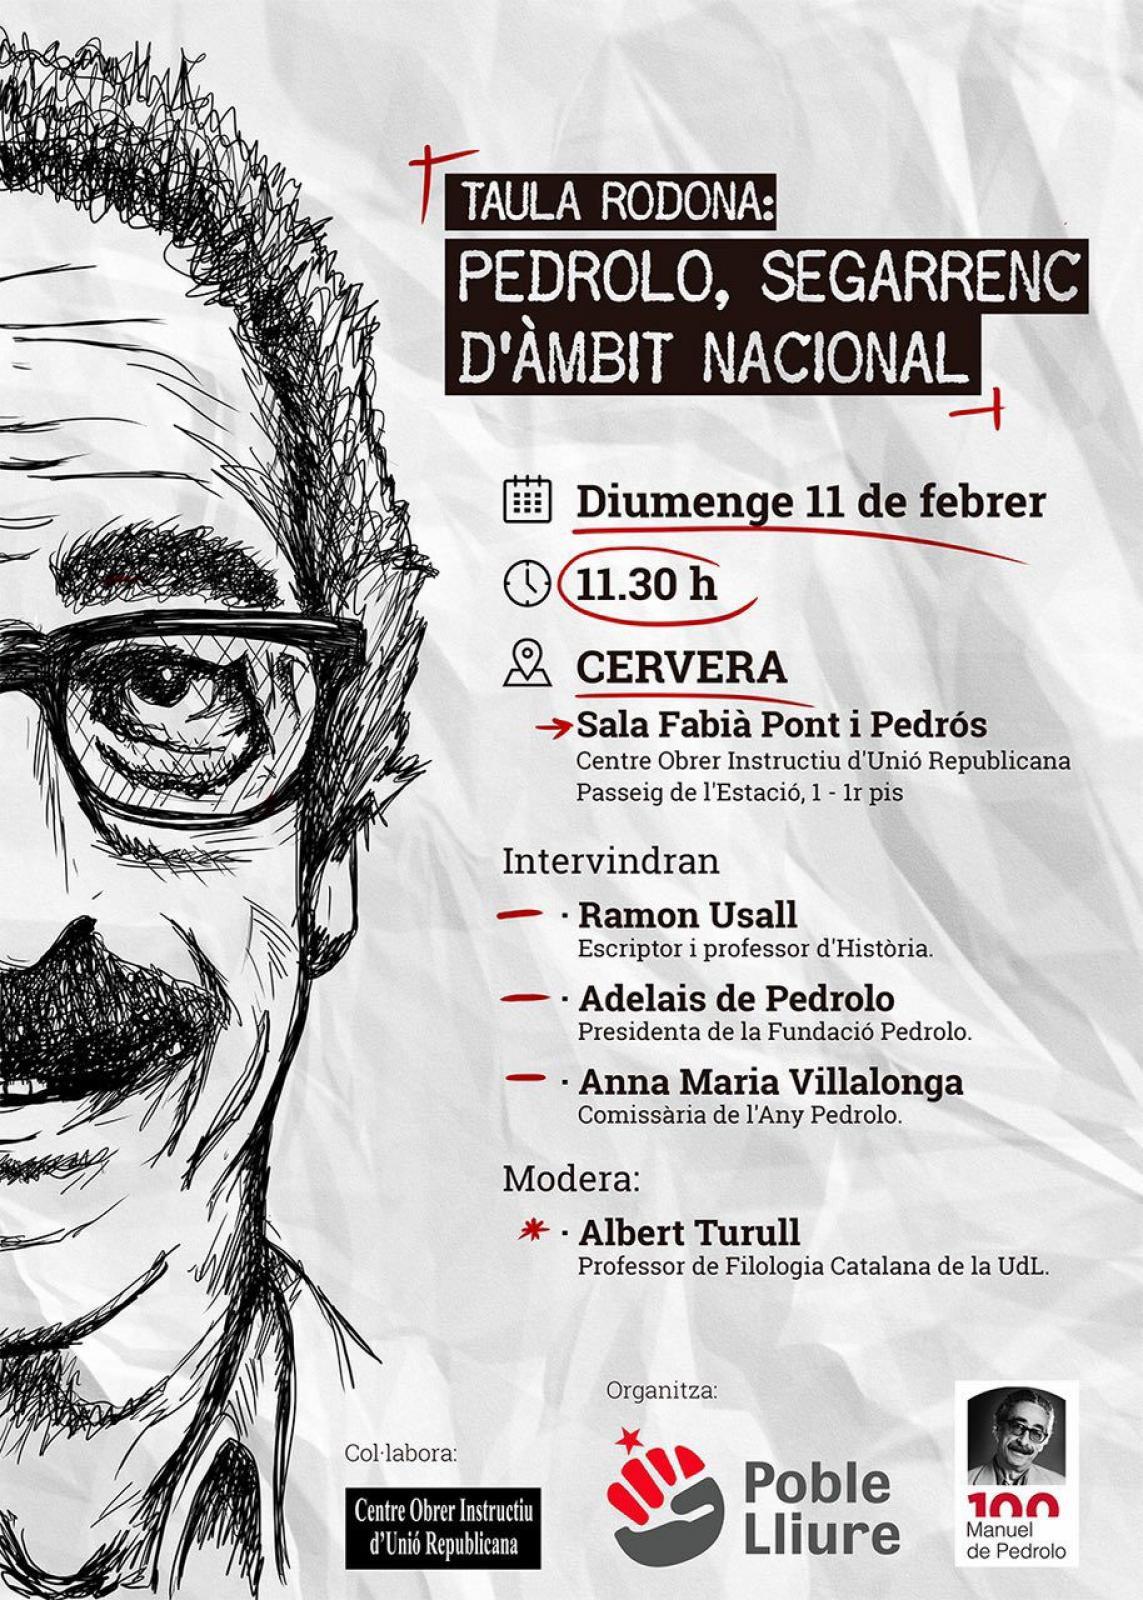 Taula Rodona: Pedrolo, segarrenc d'àmbit nacional